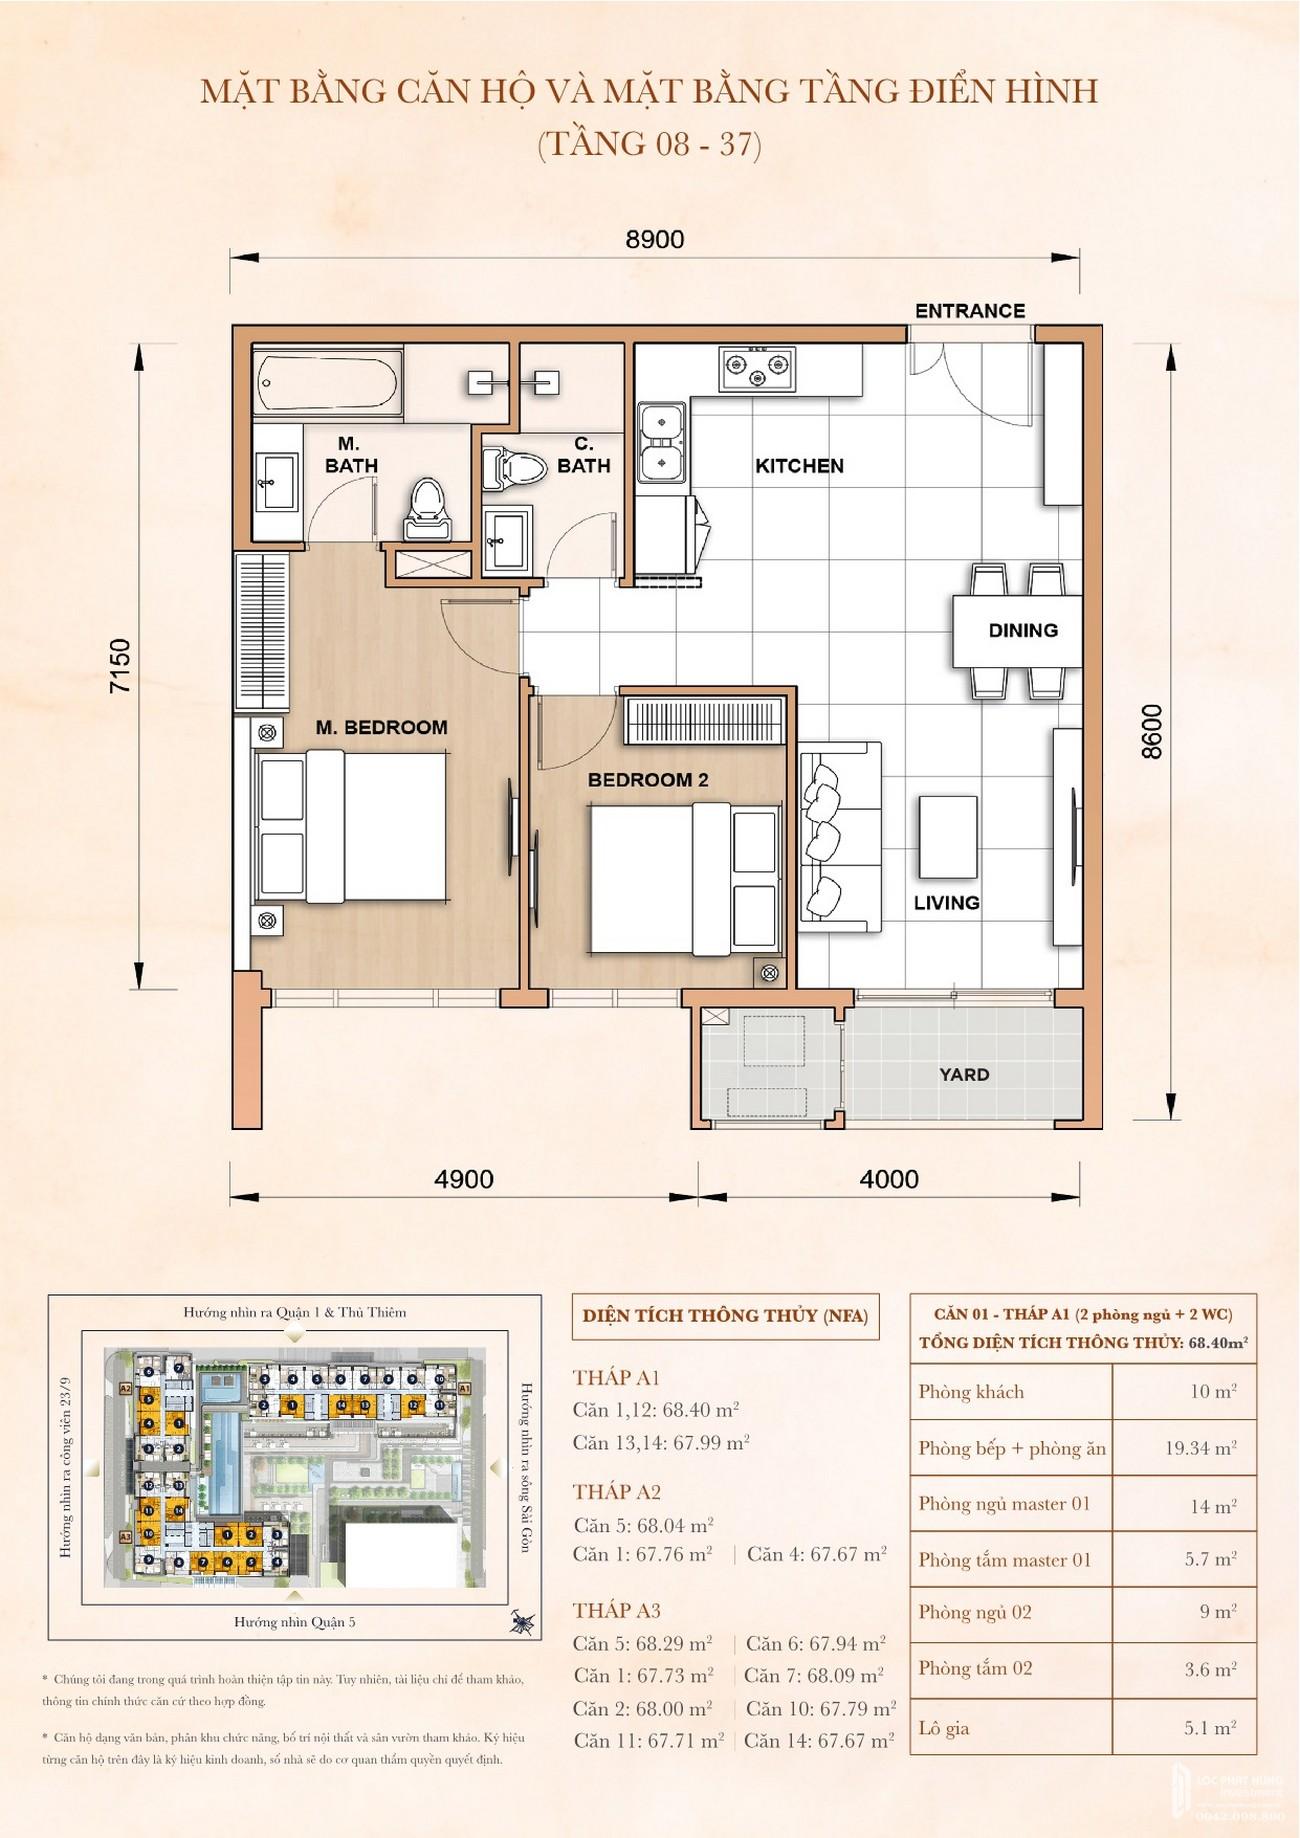 Thiết kế chi tiết dự án Grand Manhattan quận 1 nhà phát triển Novaland